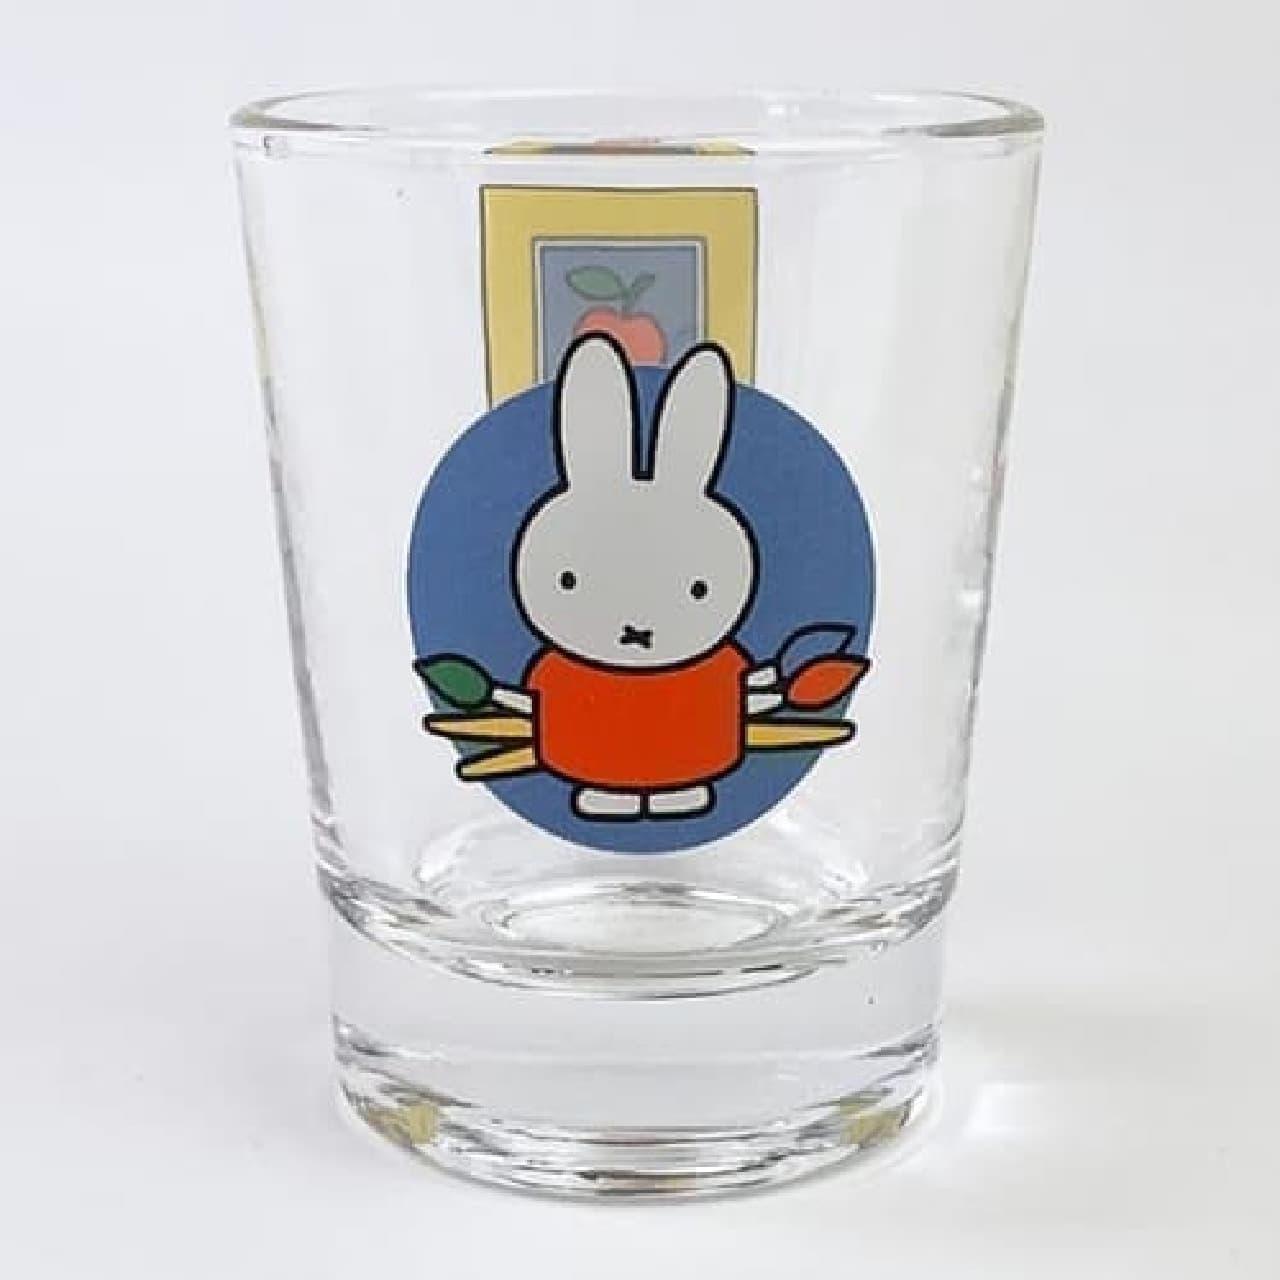 ミッフィーをデザインしたショットグラス